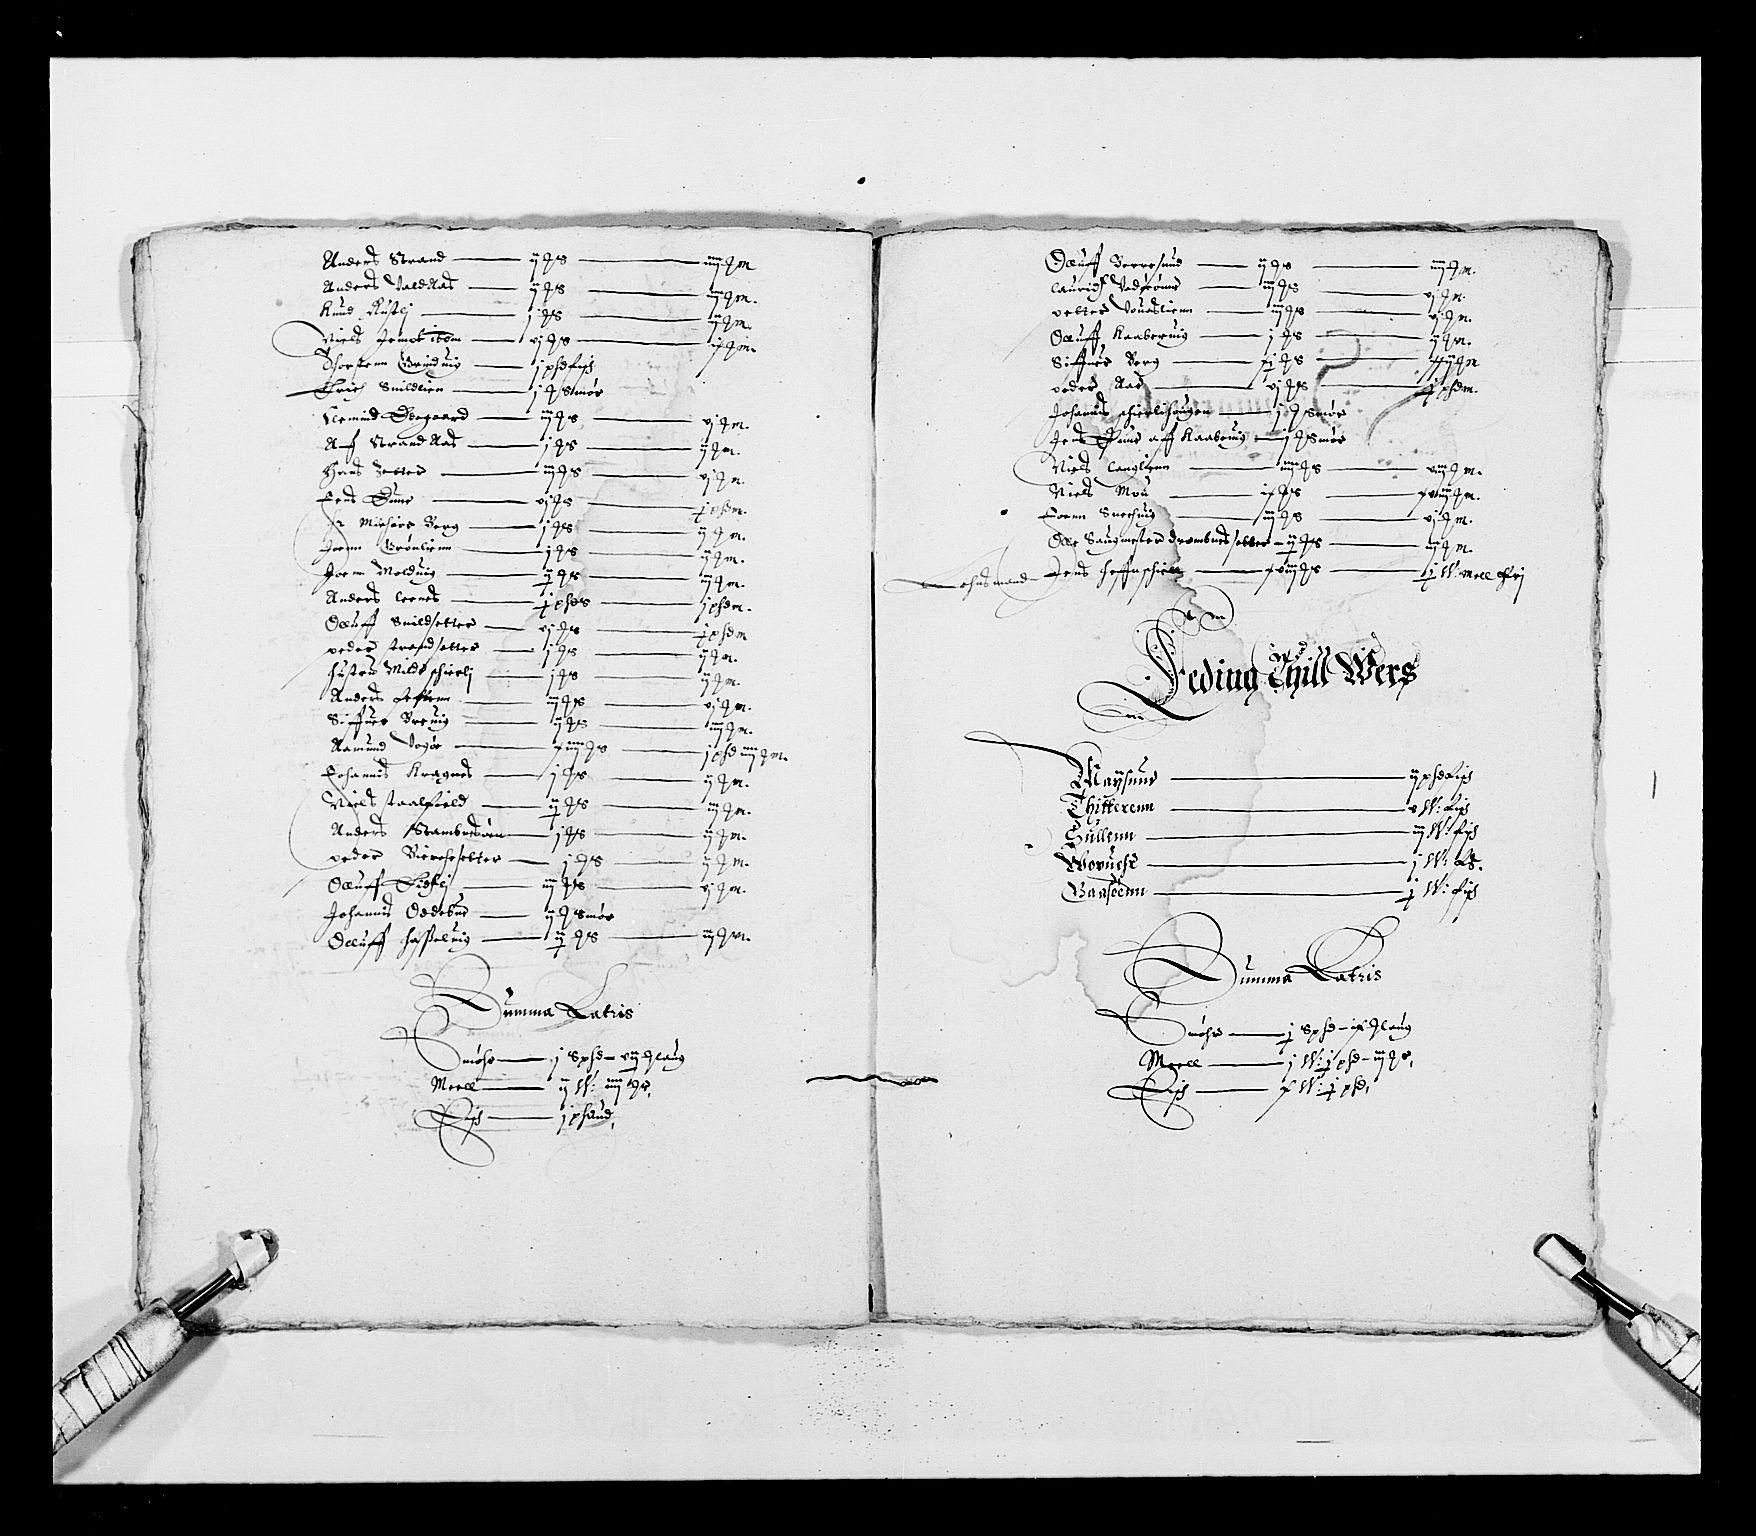 RA, Stattholderembetet 1572-1771, Ek/L0028: Jordebøker 1633-1658:, 1645-1646, s. 66